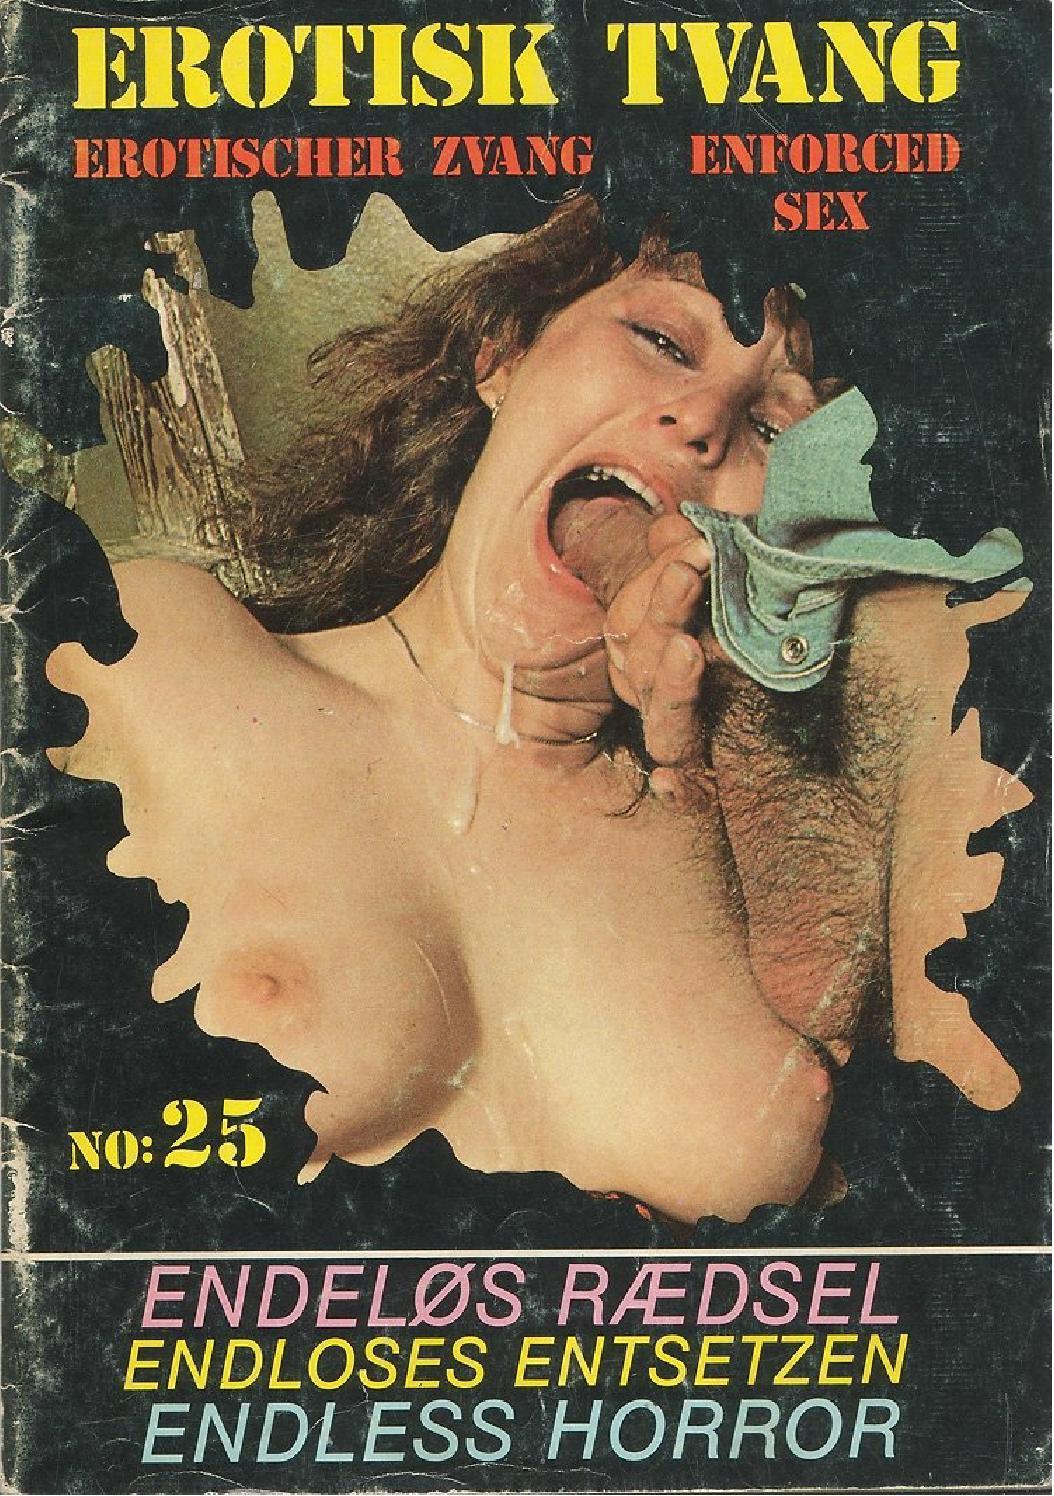 Erotisk tvang 25 by Lijichirayil  issuu